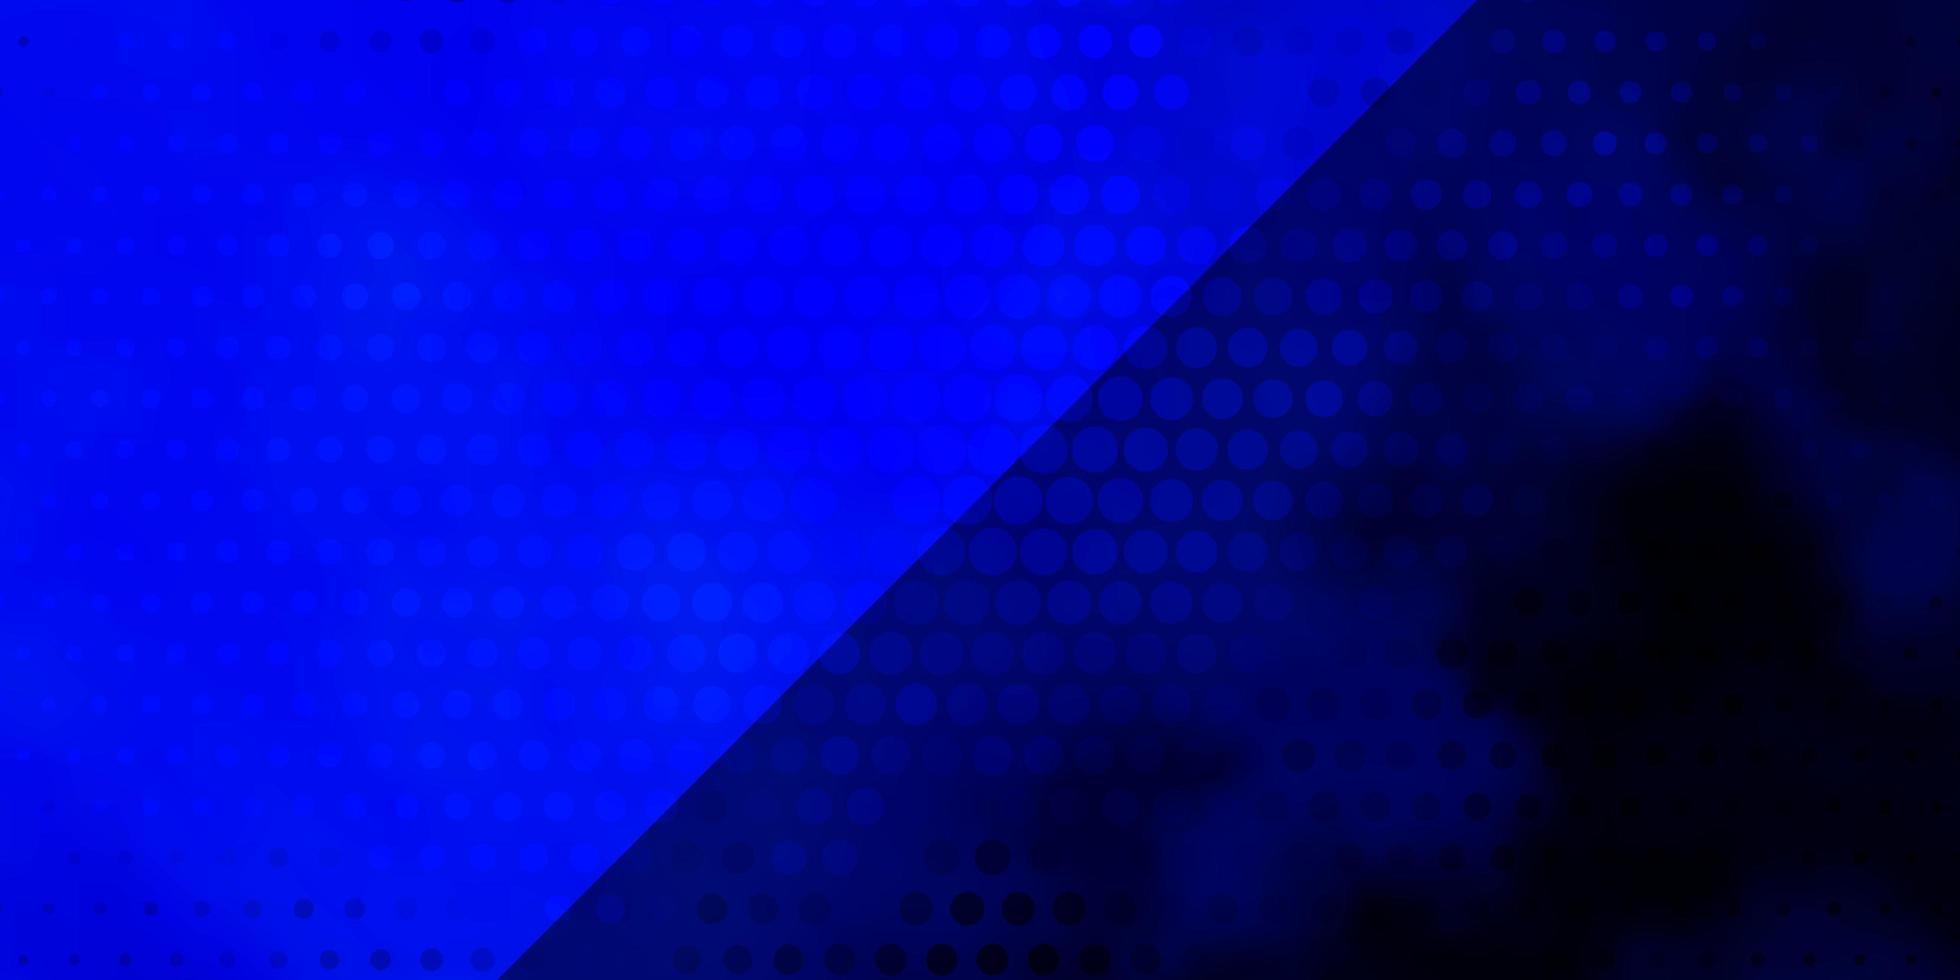 dunkelblaue Vektorbeschaffenheit mit Kreisen. vektor